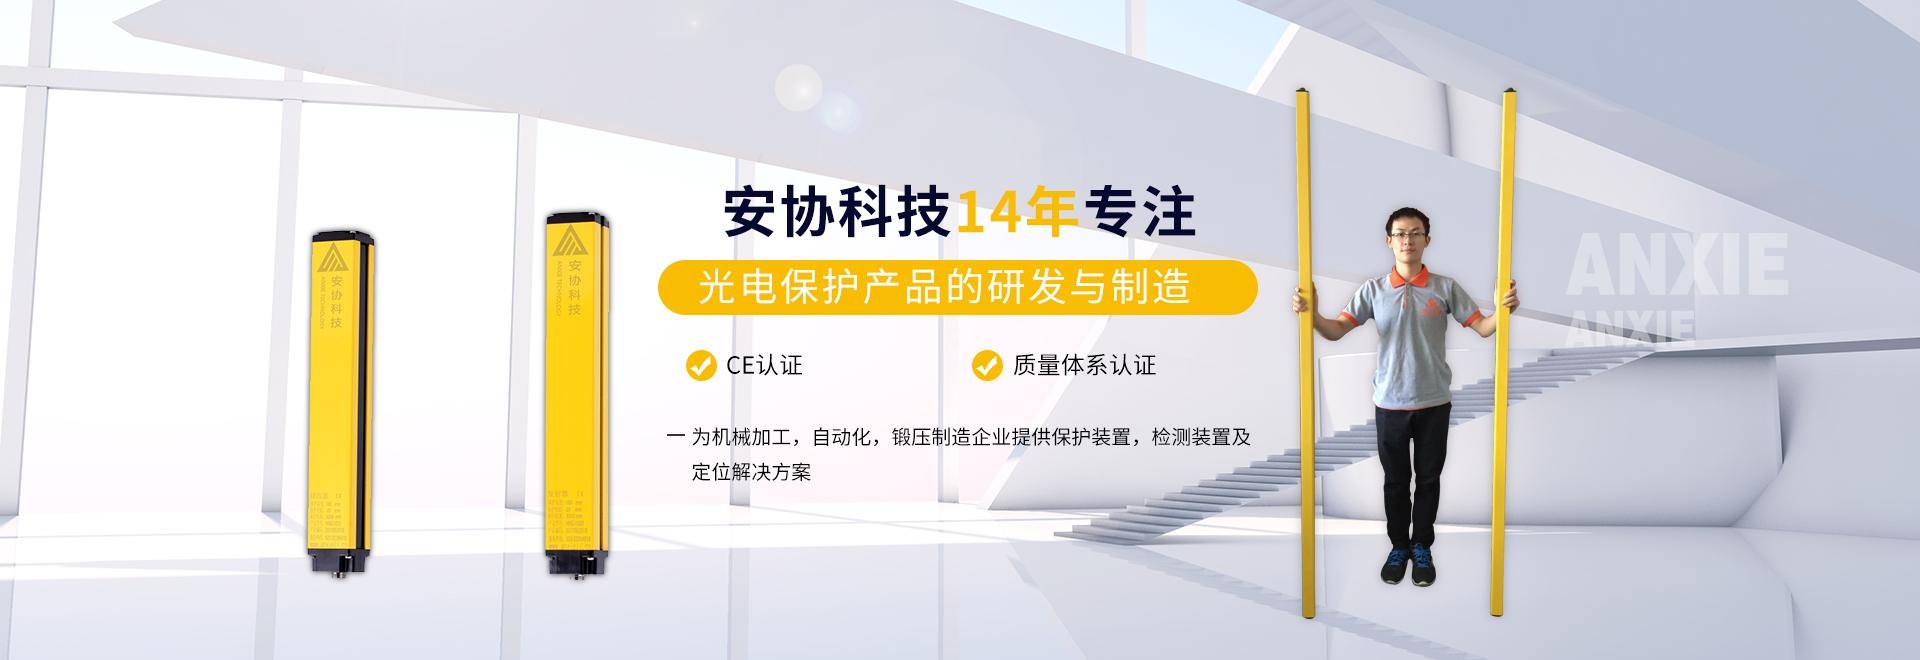 广州安协科技股份有限公司